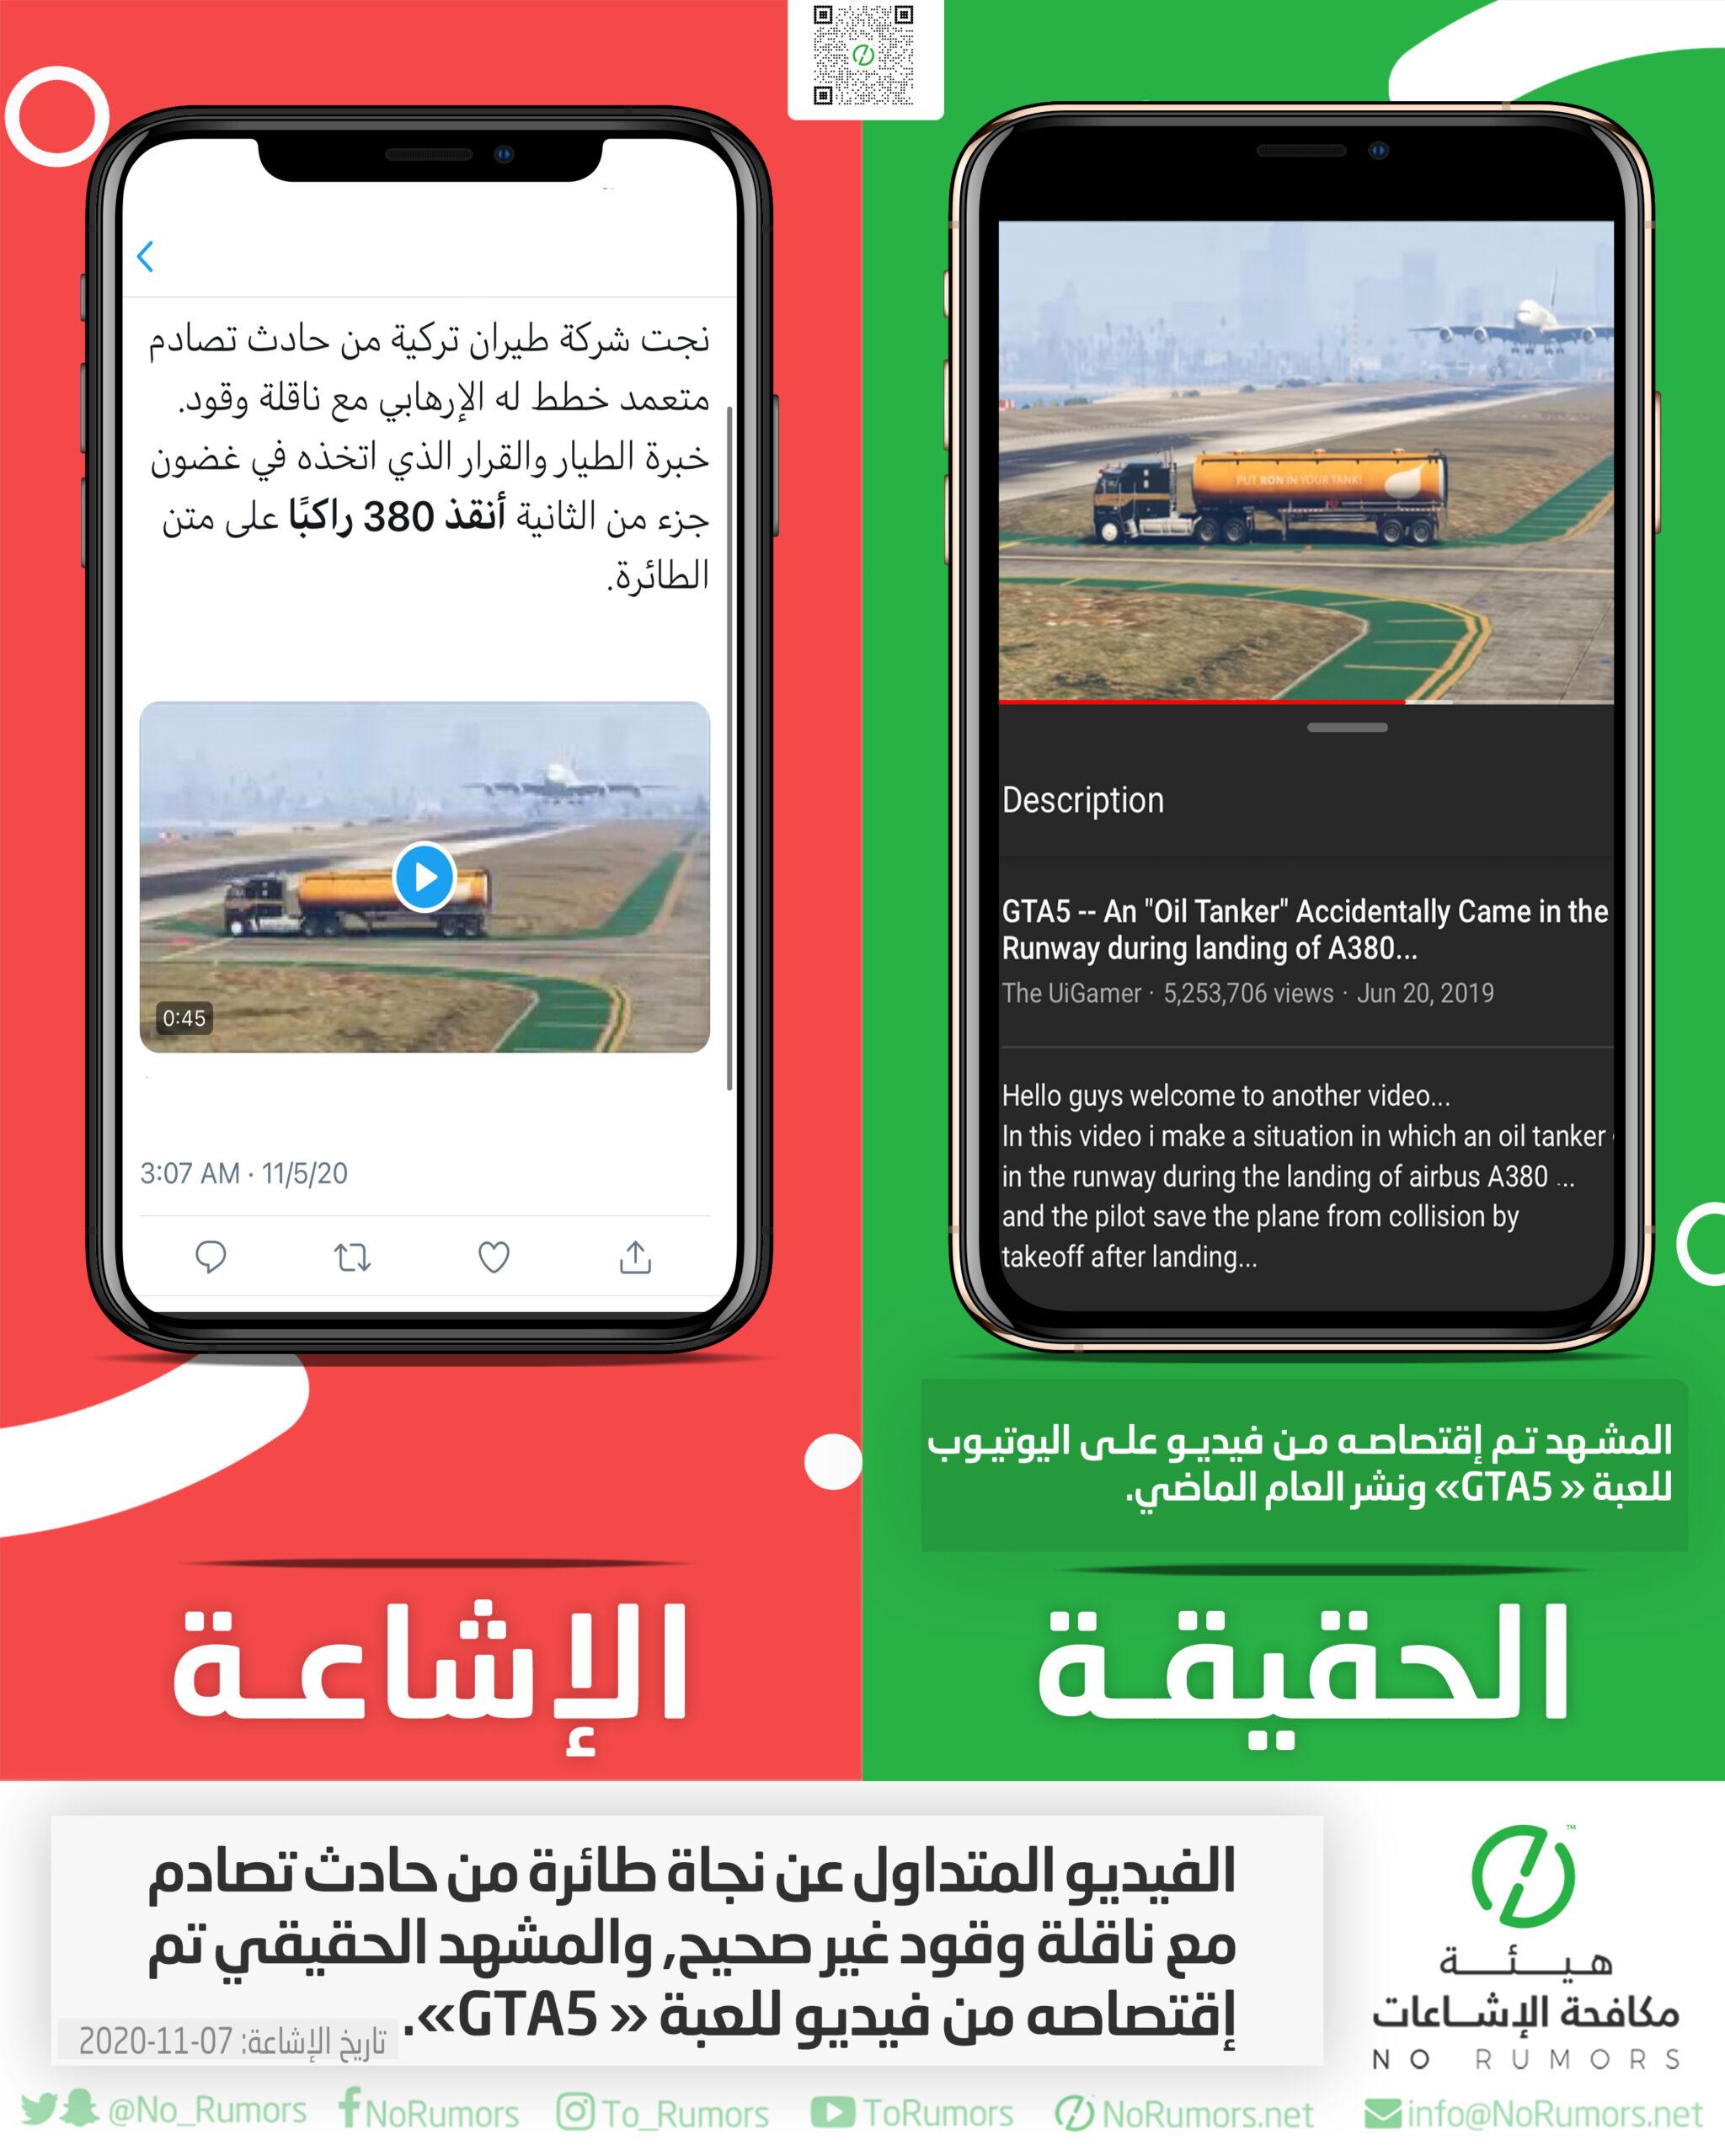 حقيقة الفيديو المتداول عن نجاة طائرة تركية من حادث تصادم مع ناقلة وقود